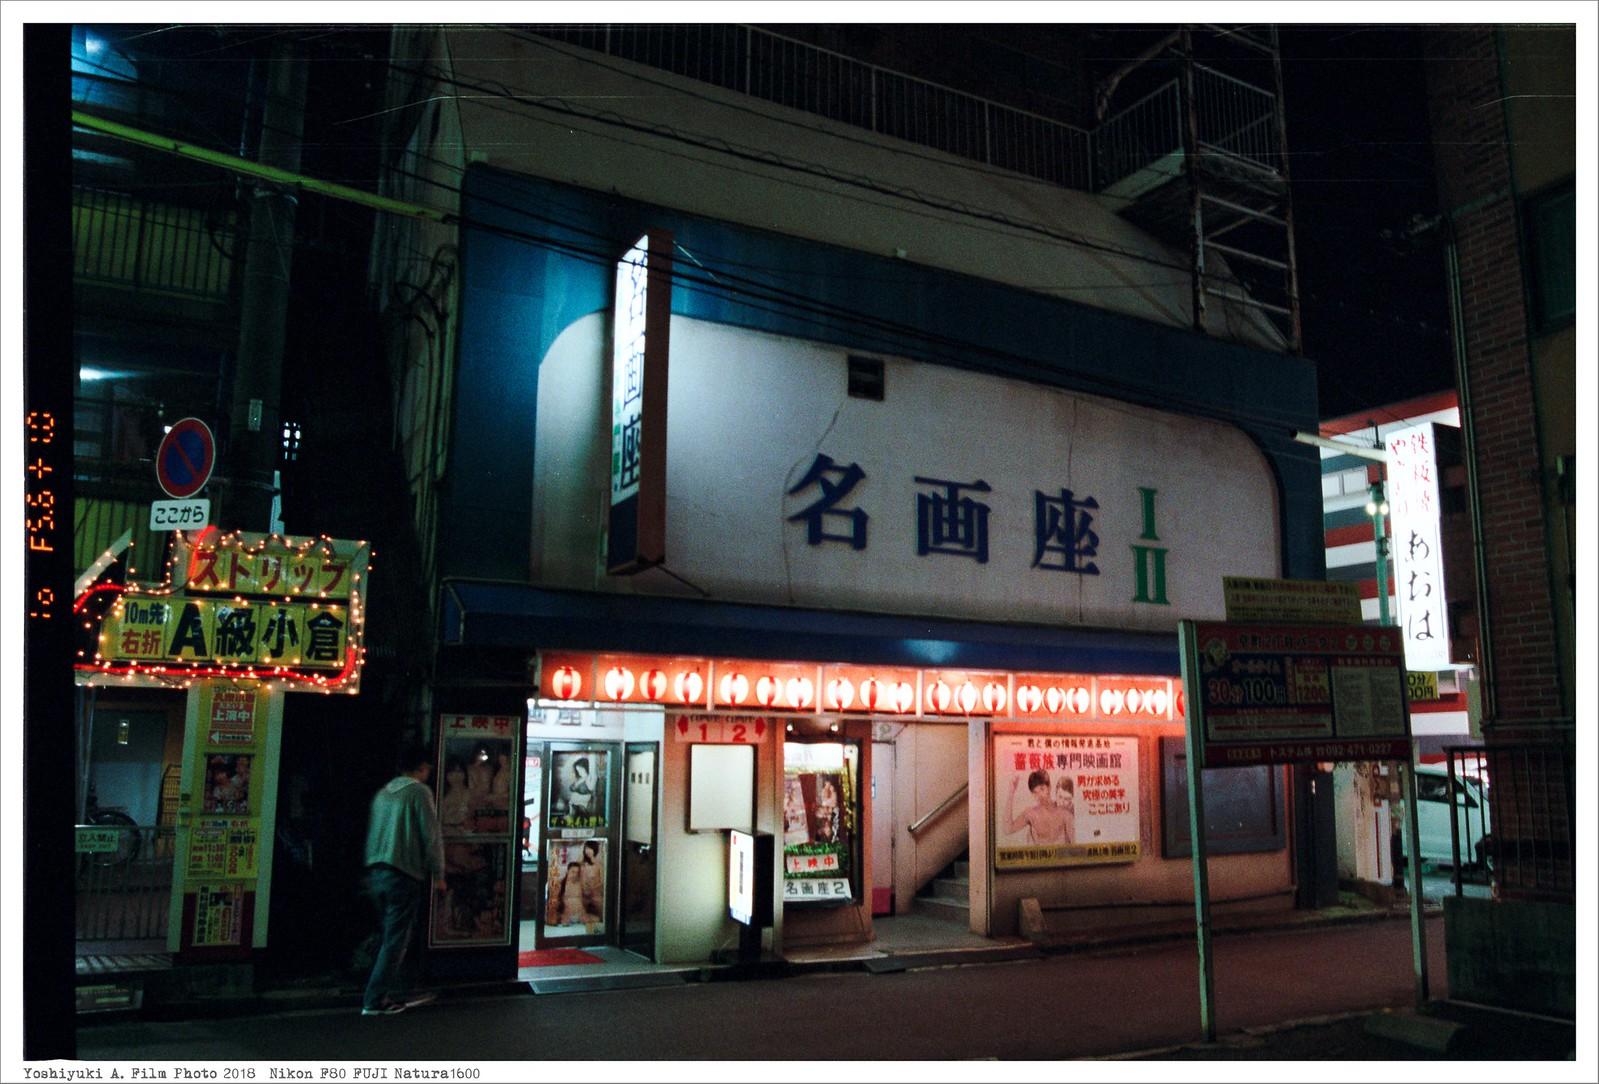 北九州市 小倉 Nikon_F80_FUJI_Natura1600__04